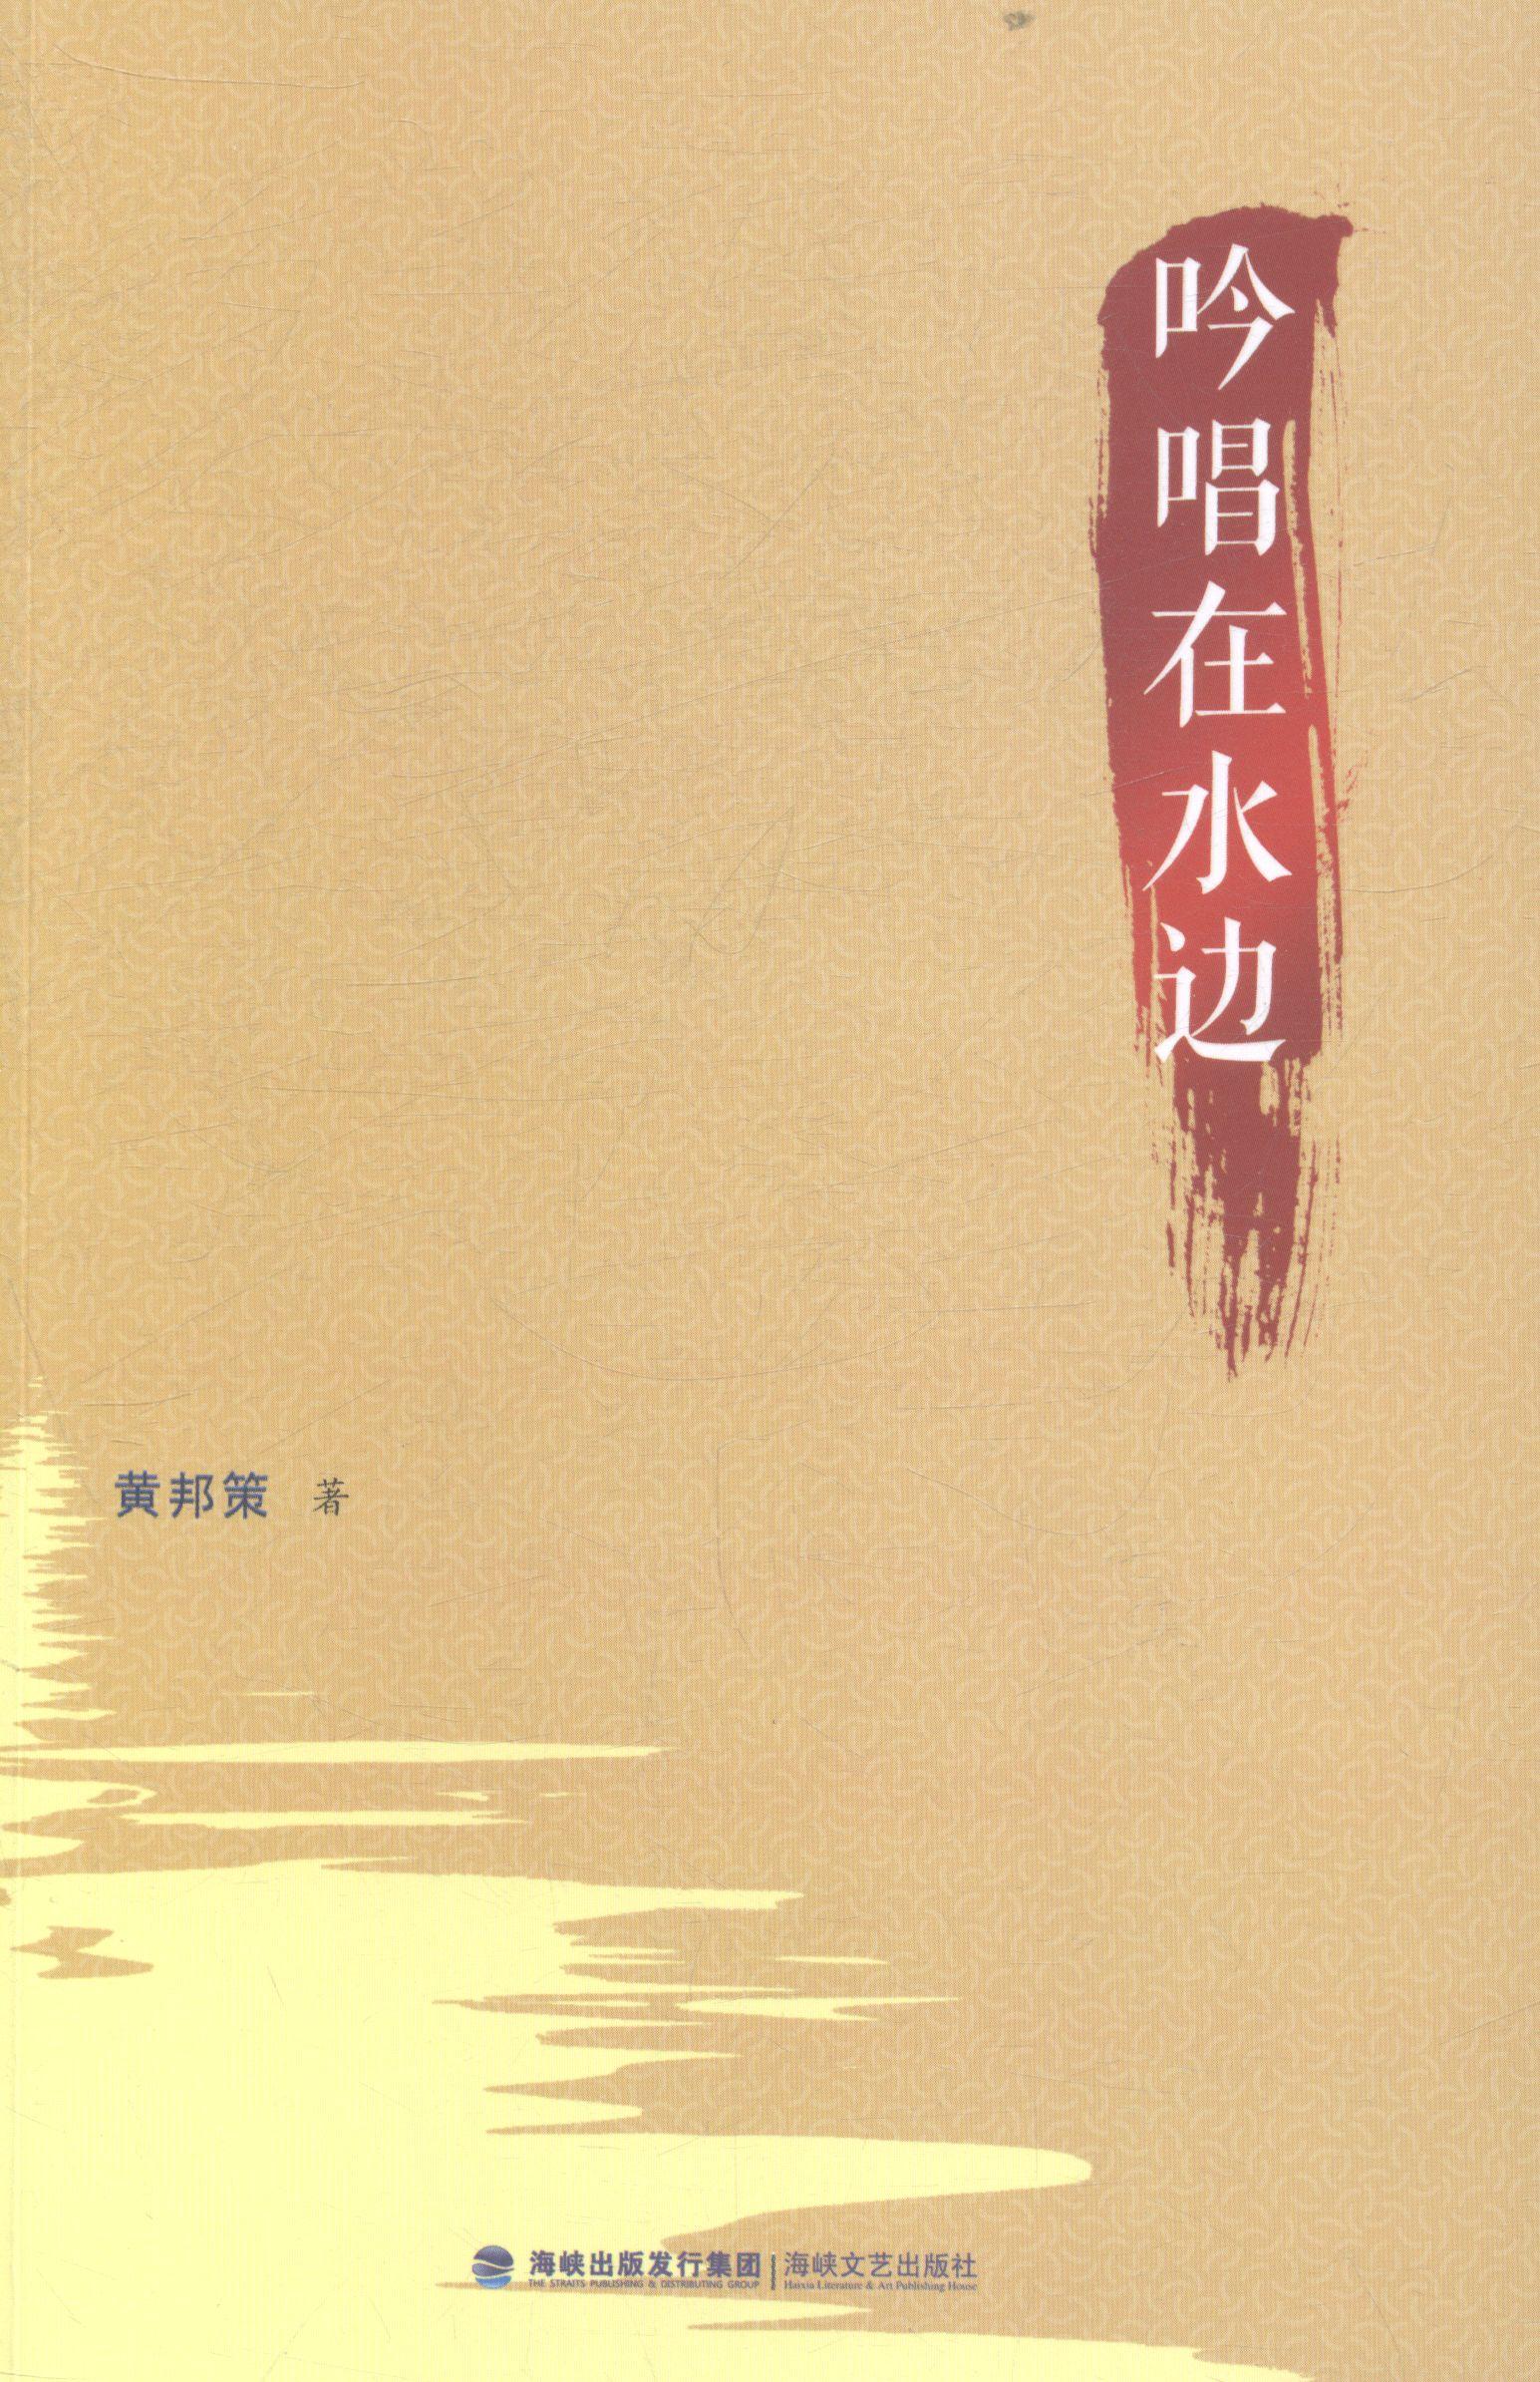 正版 吟唱在水边 黄邦策著书籍 书